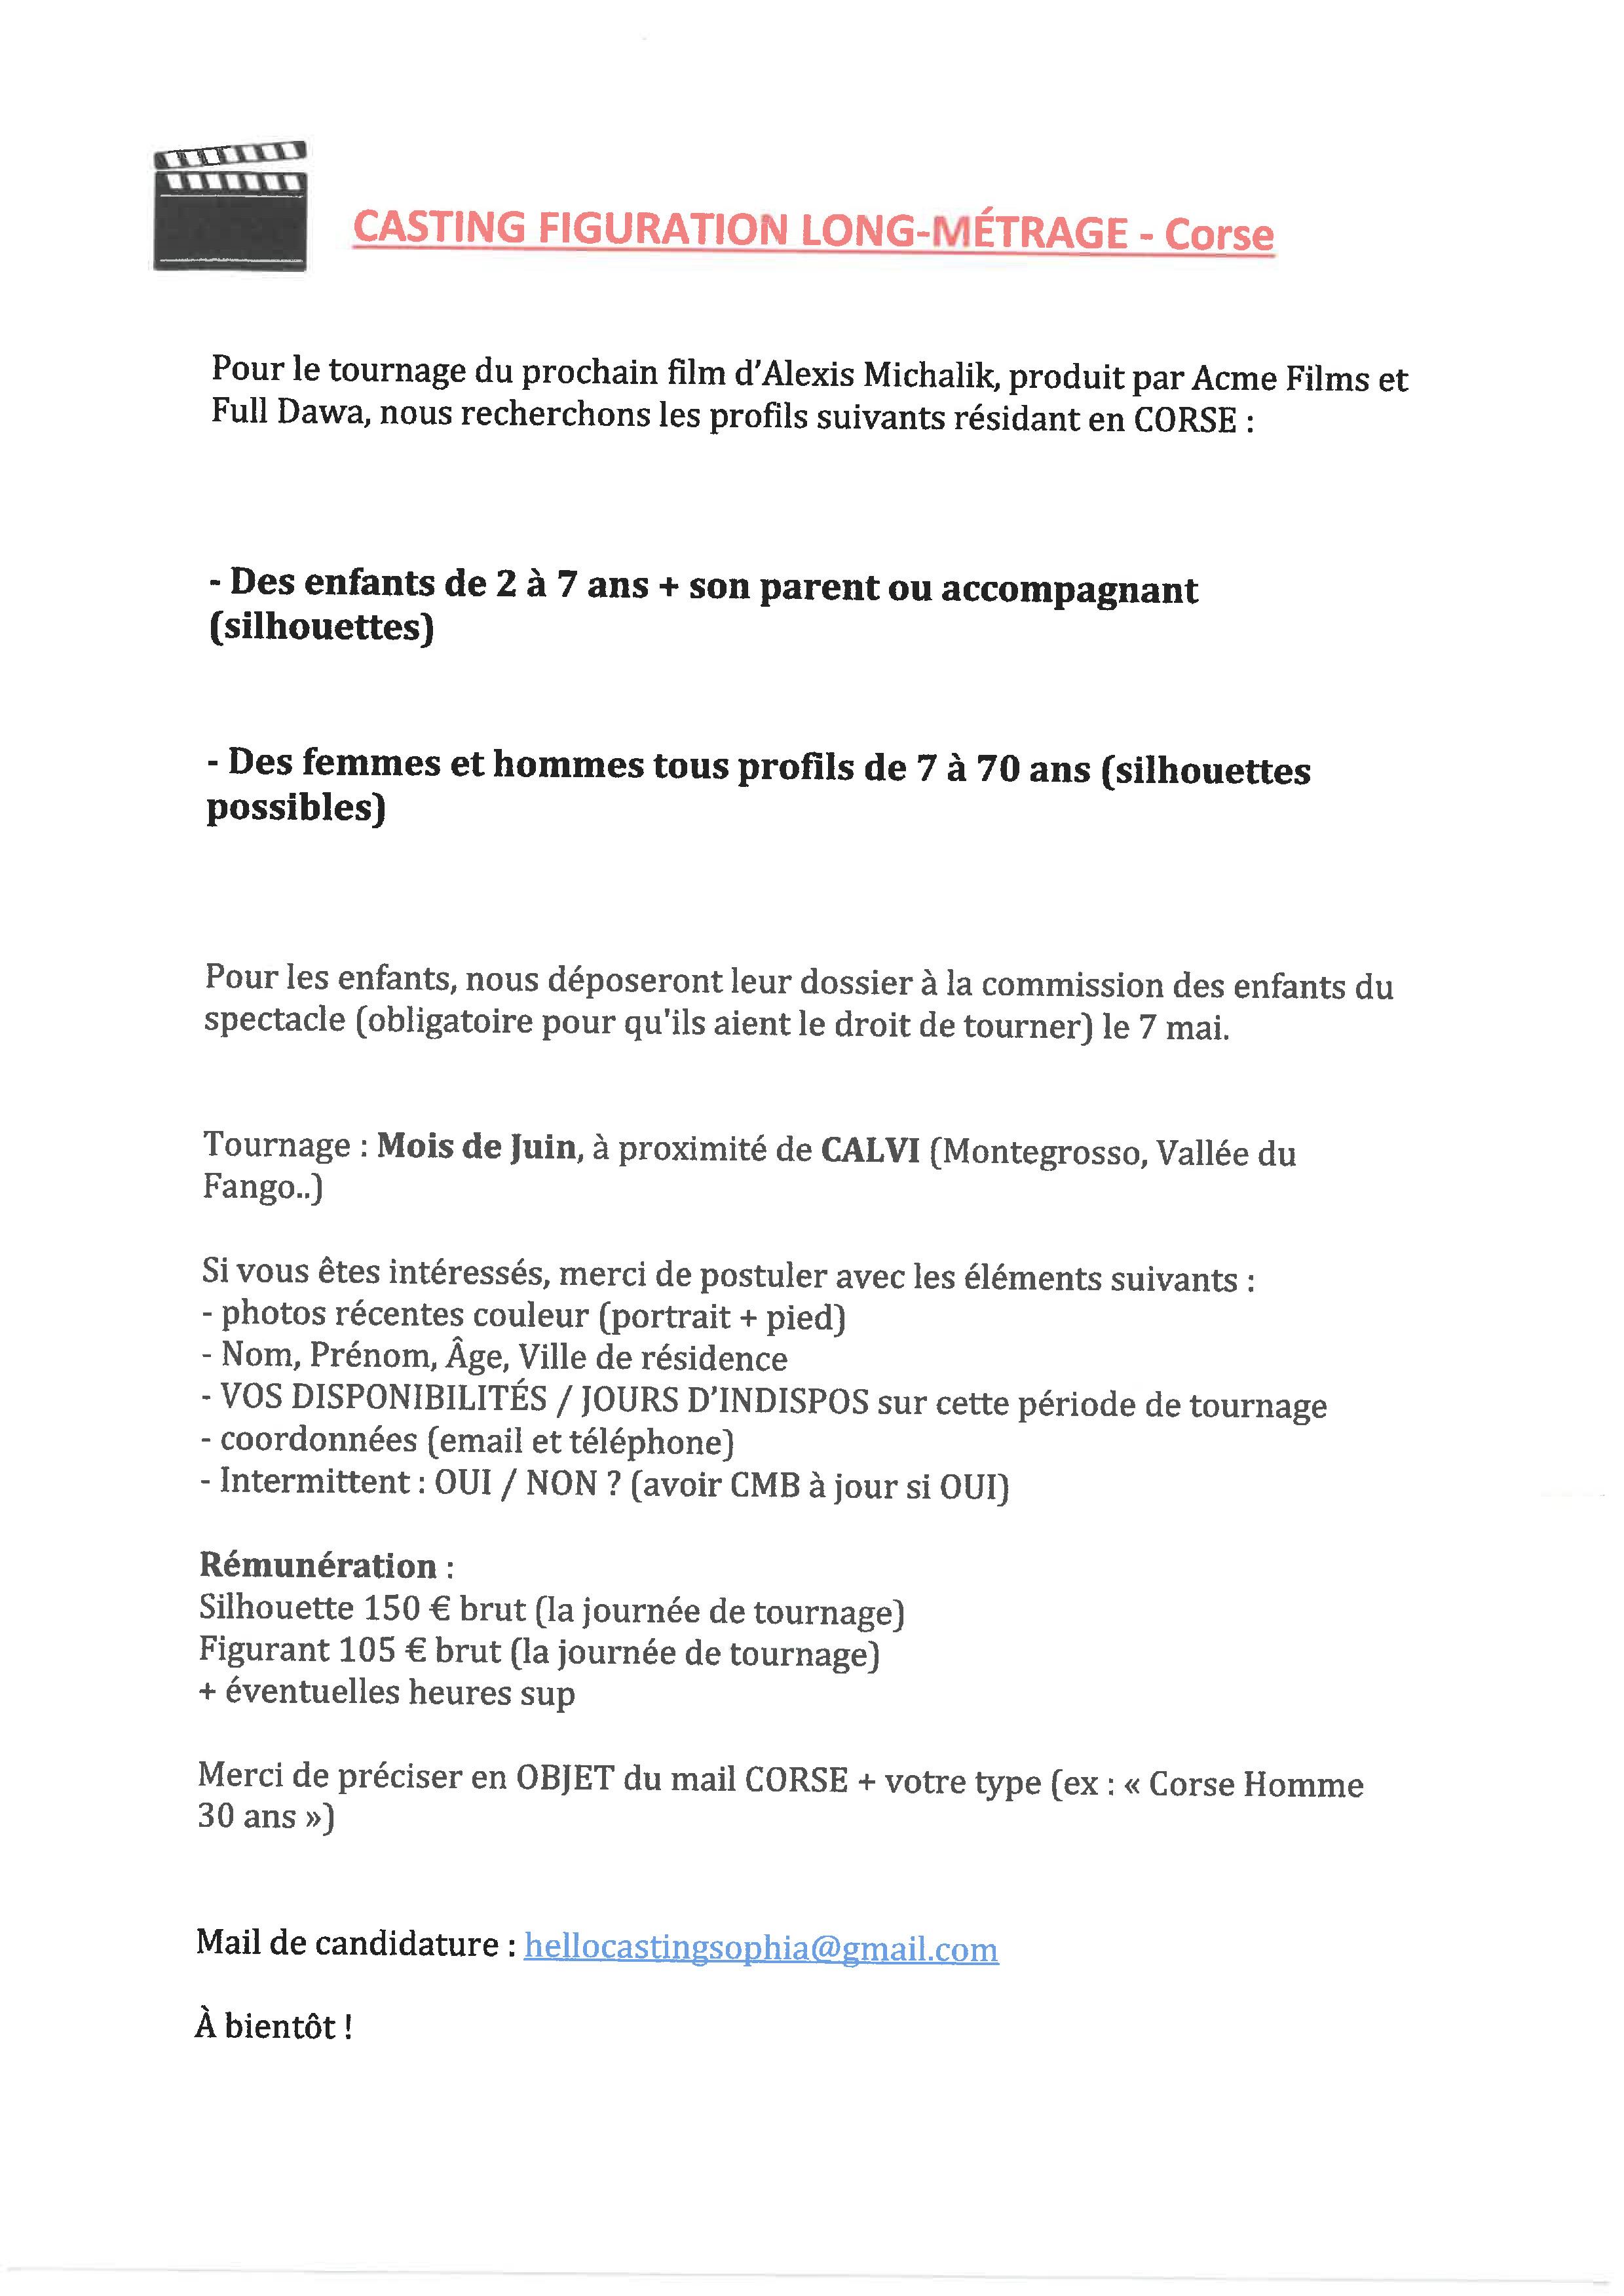 CASTING POUR LE TOURNAGE D'UN LONG-MÉTRAGE